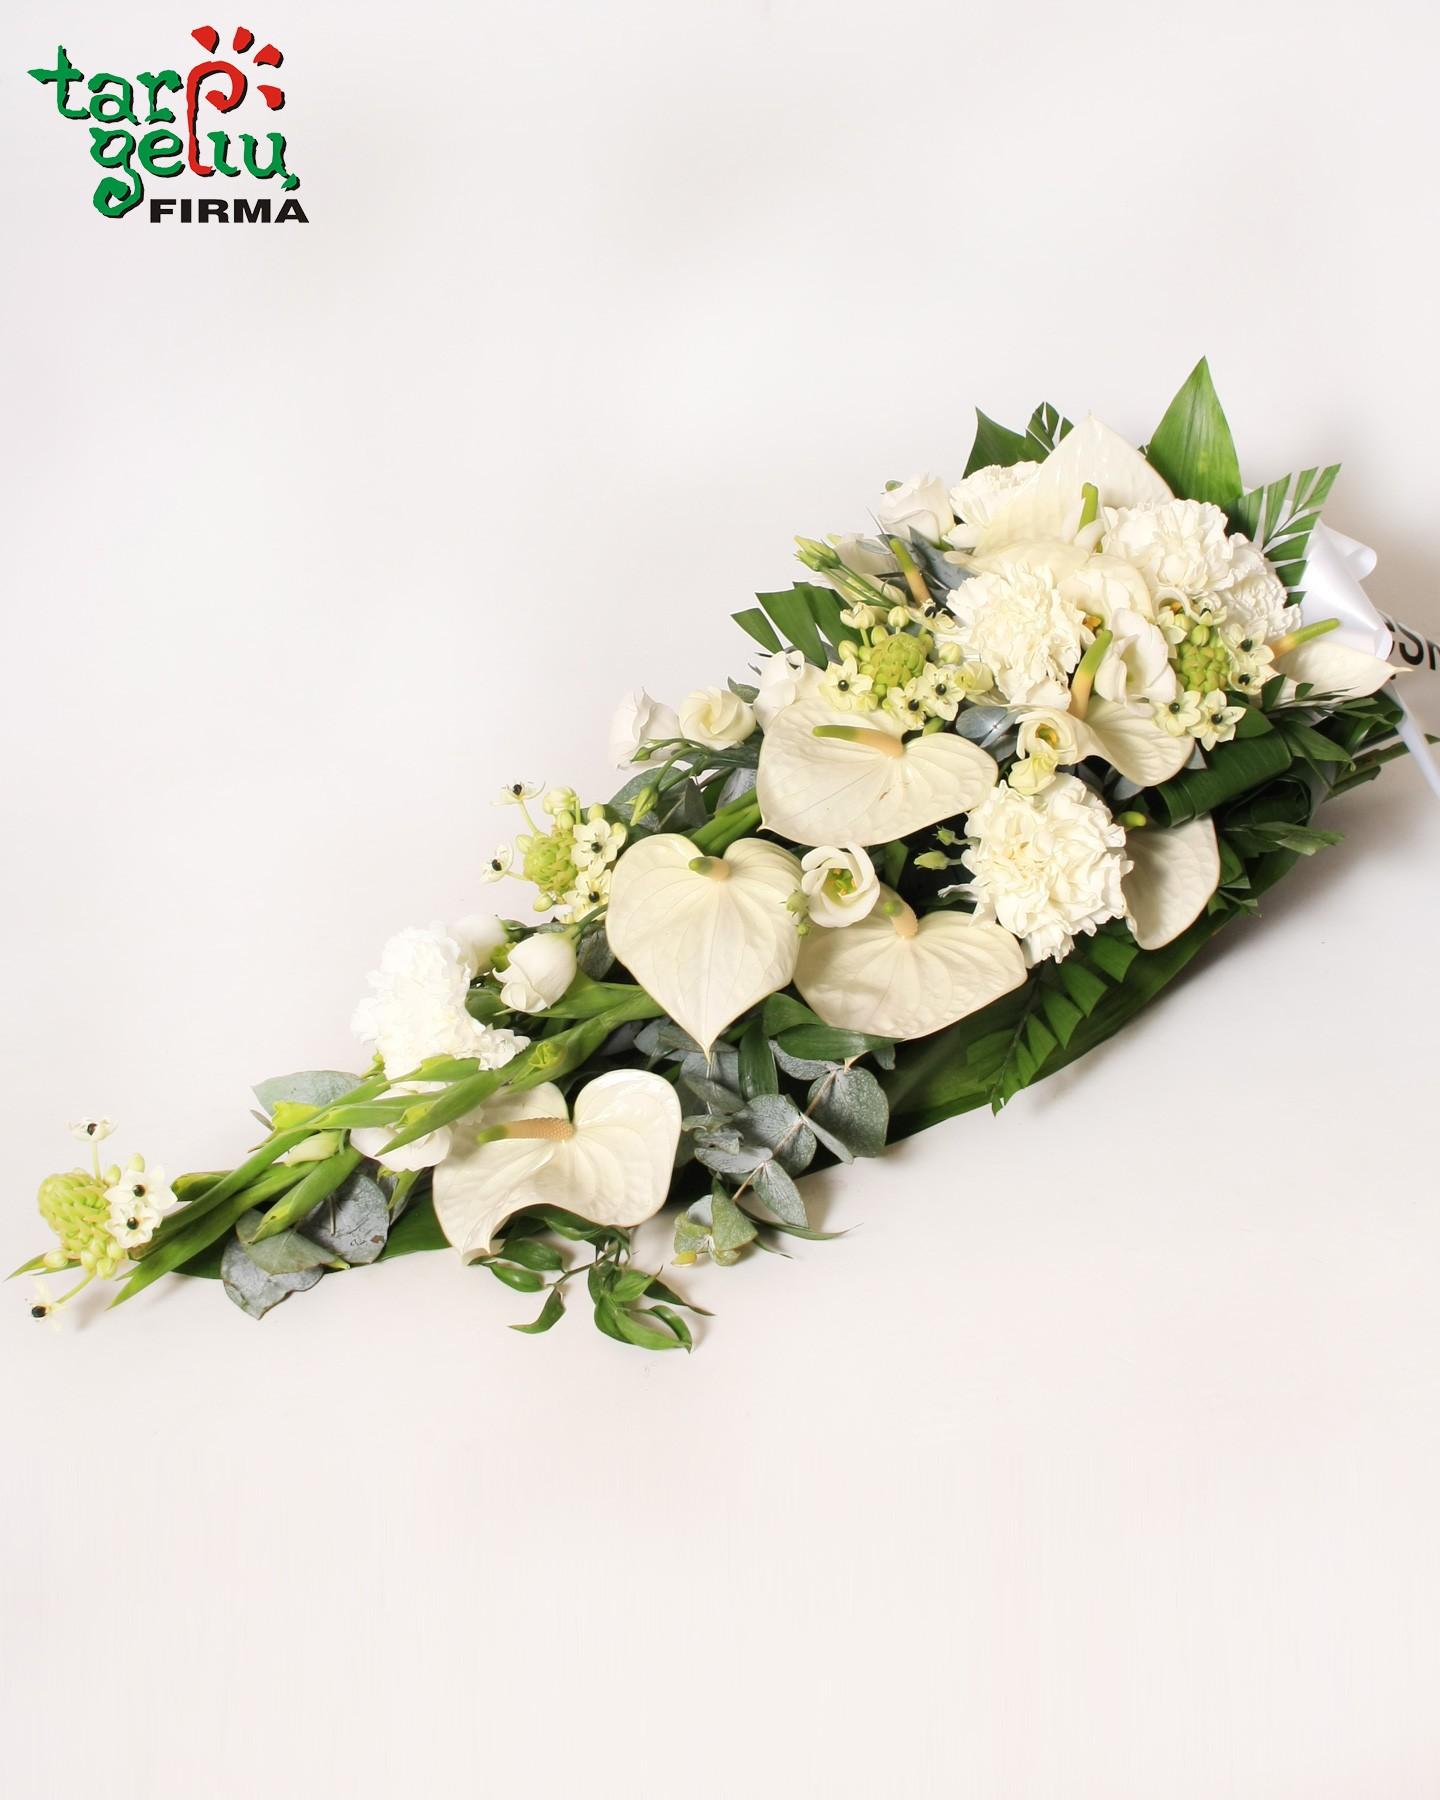 Funeral wreath funeral arrangements funeral funeral arrangement angel gedulinga kompozicija su liudesiu izmirmasajfo